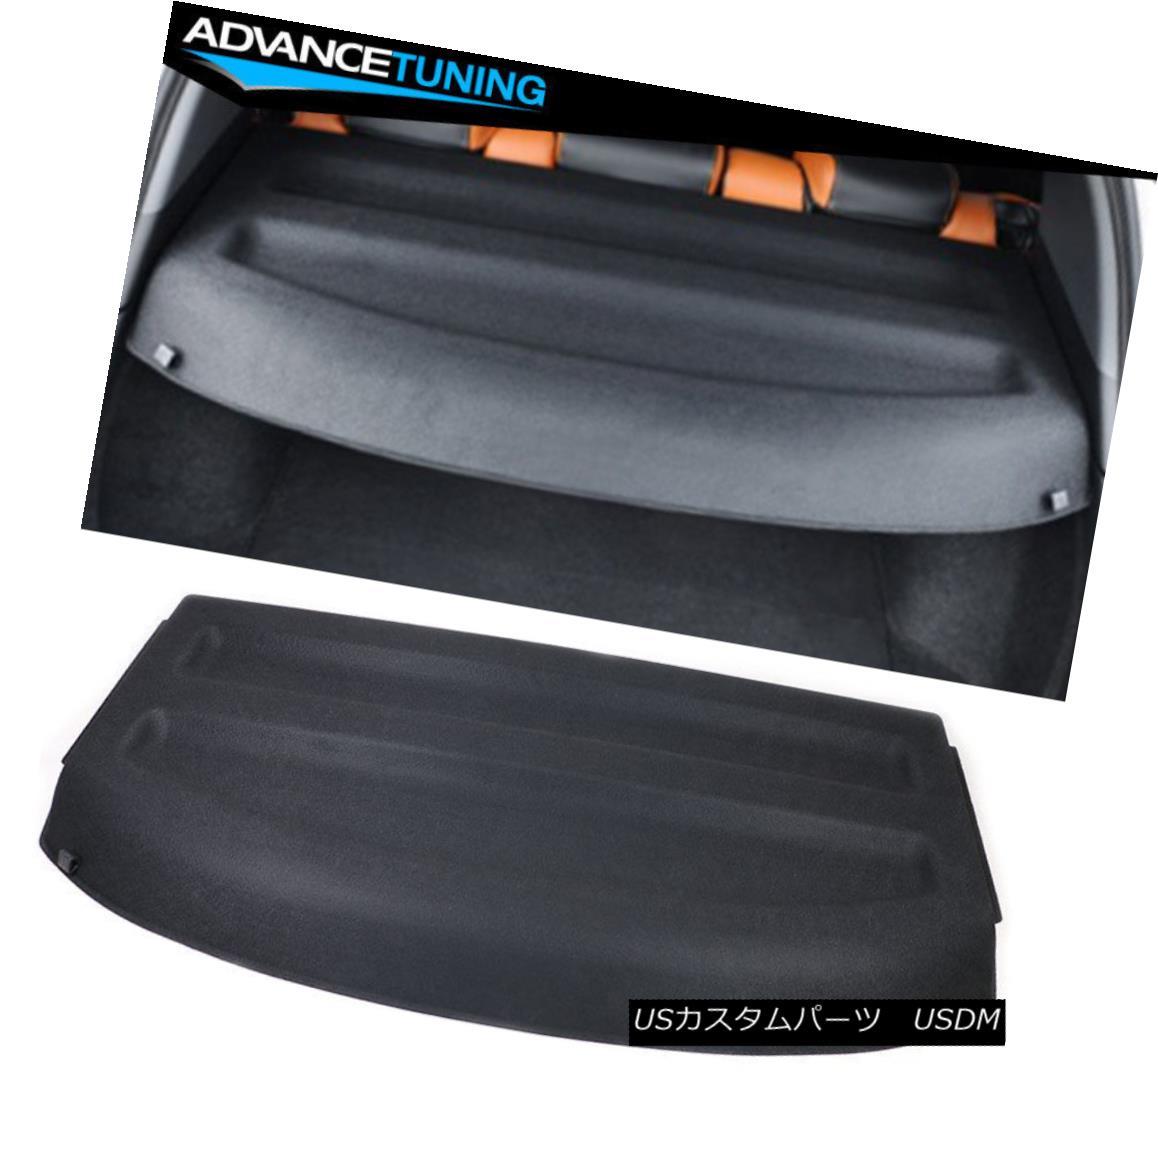 エアロパーツ Fits 16-18 Honda HRV Cargo Cover Rear Trunk Shield Black ABS フィット16-18ホンダHRVカーゴカバーリアトランクシールドブラックABS